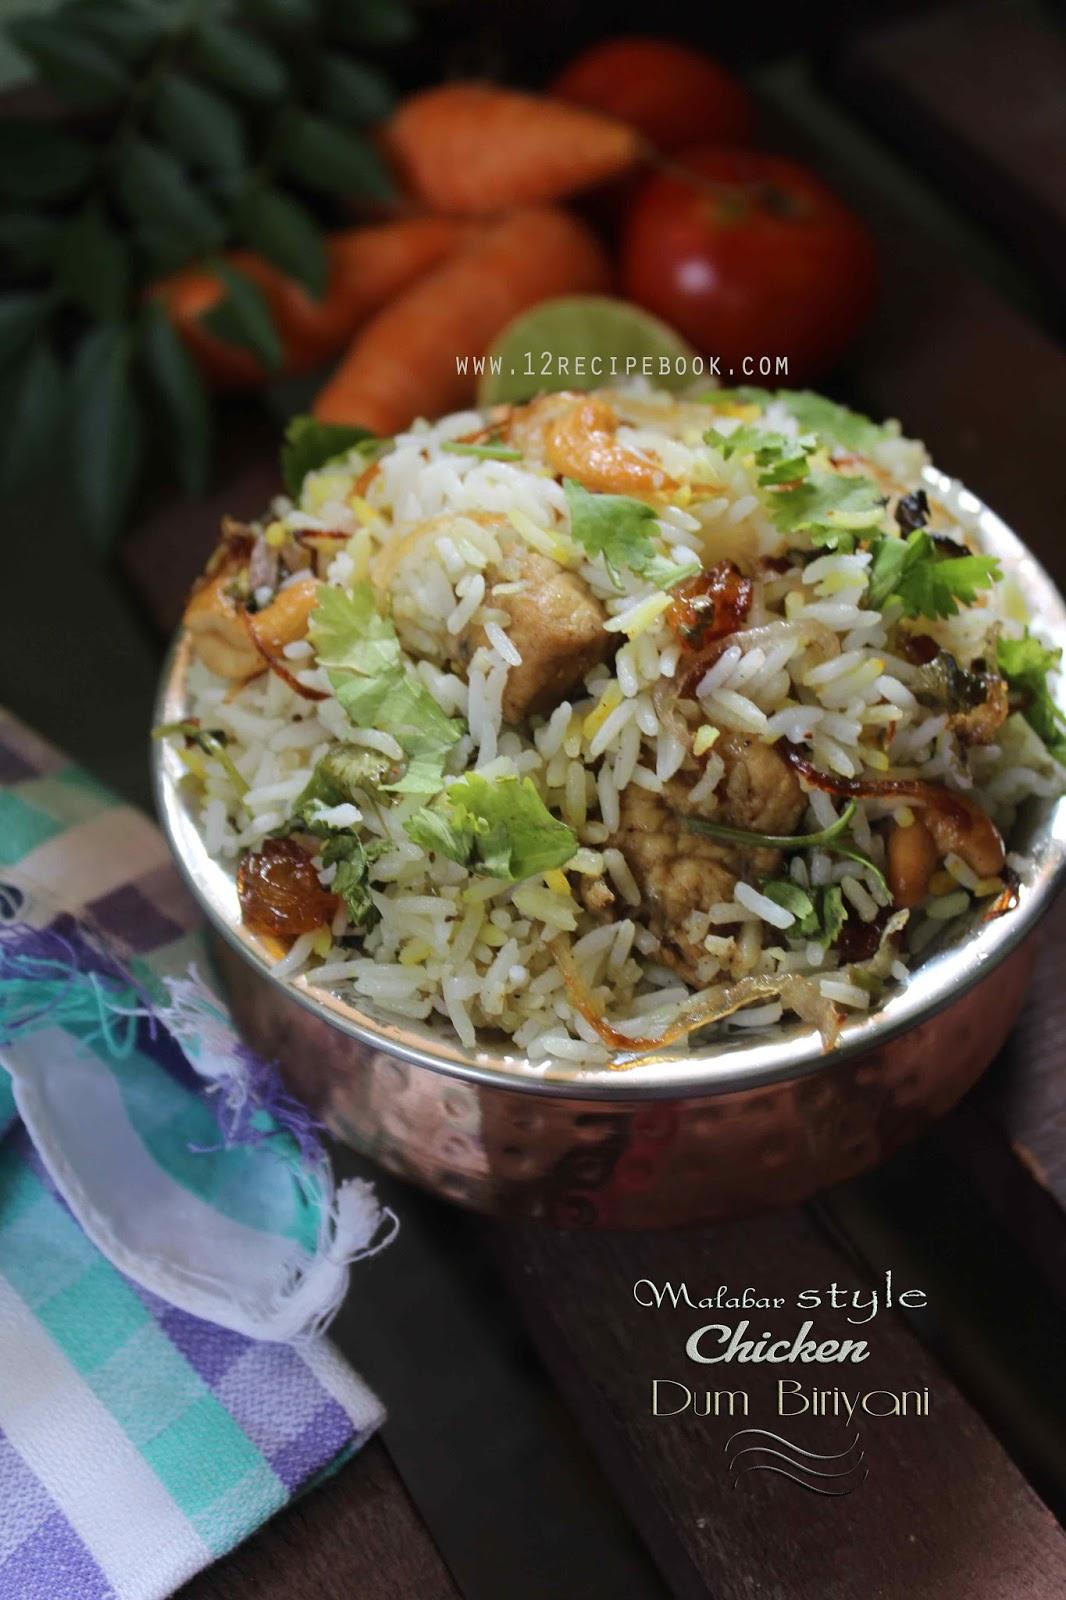 Malabar Style Chicken Dum Biriyani